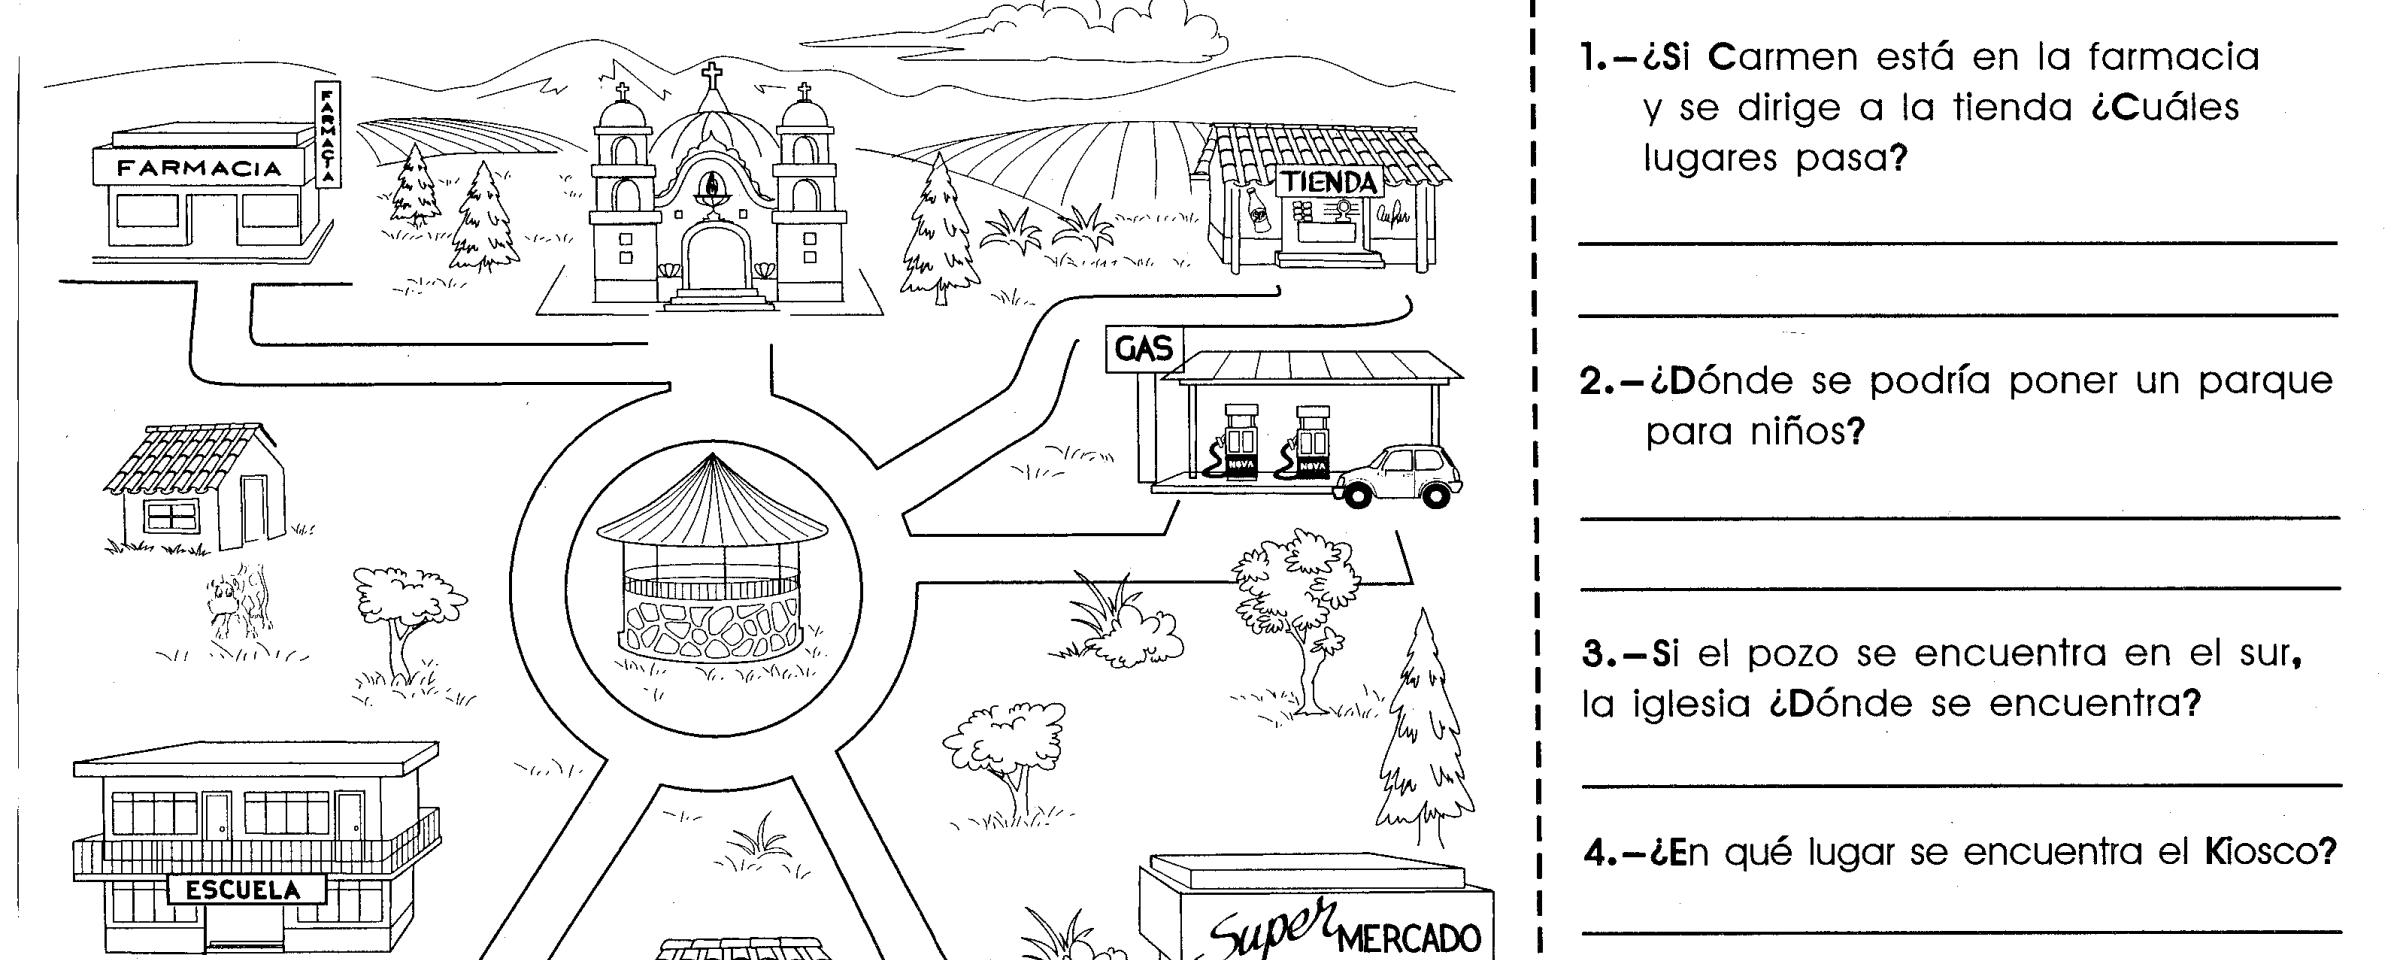 Lectura De Croquis Material De Aprendizaje Libros De Matematicas Hojas De Trabajo De Matematicas Actividades